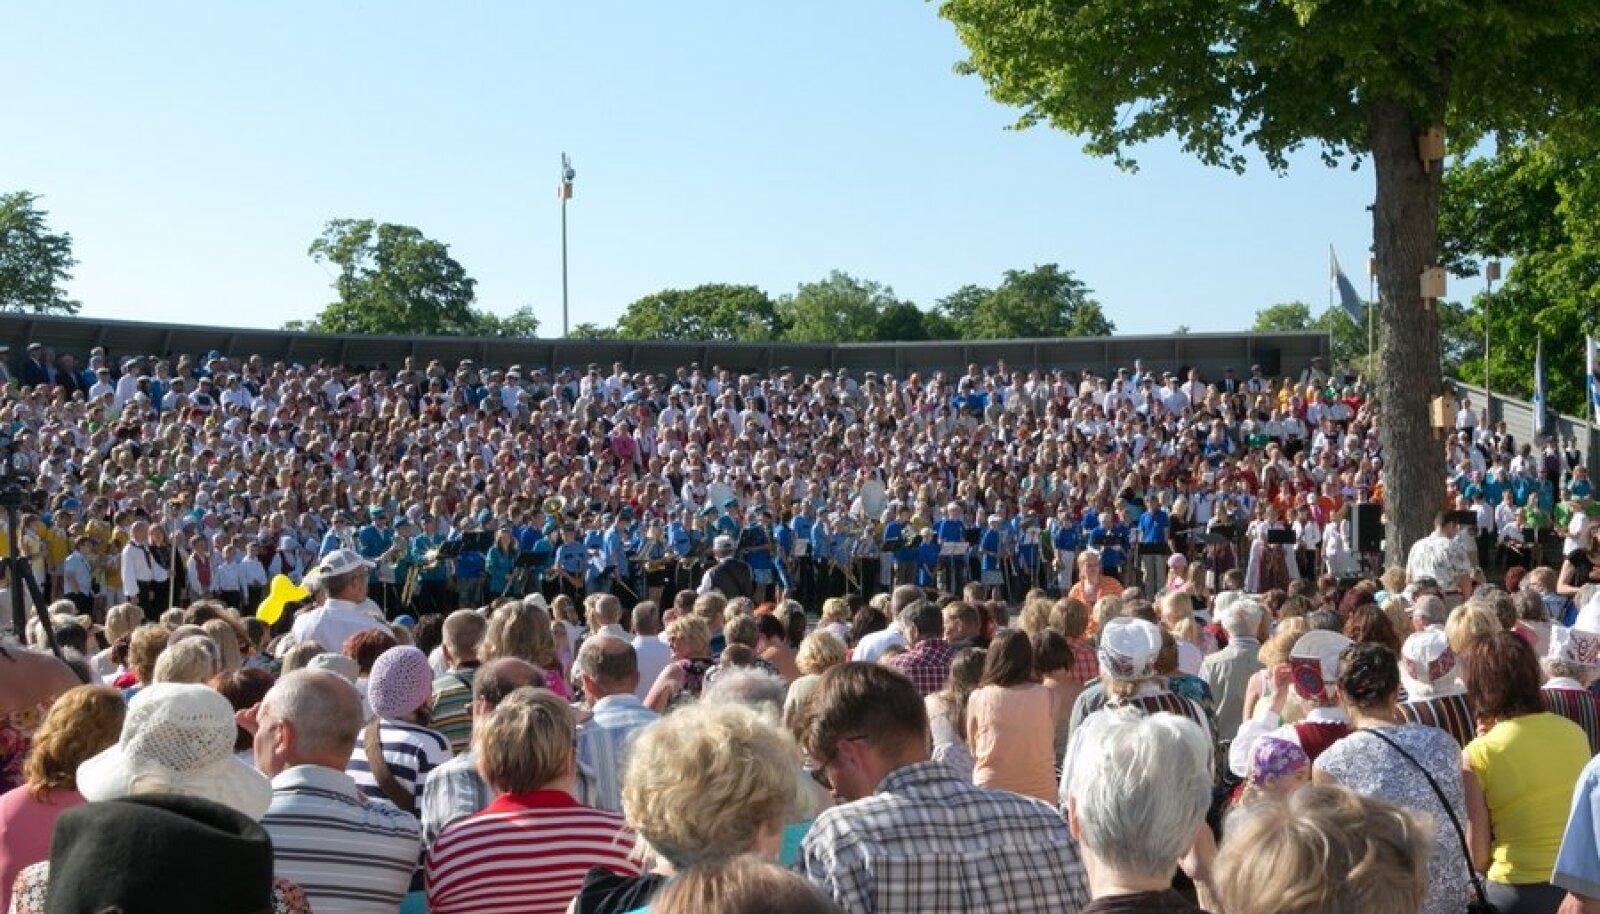 Saaremaal toimunud kahepäevane  laulupidu Saagu, saagu üks sar toi kokku inimesi üle Eesti